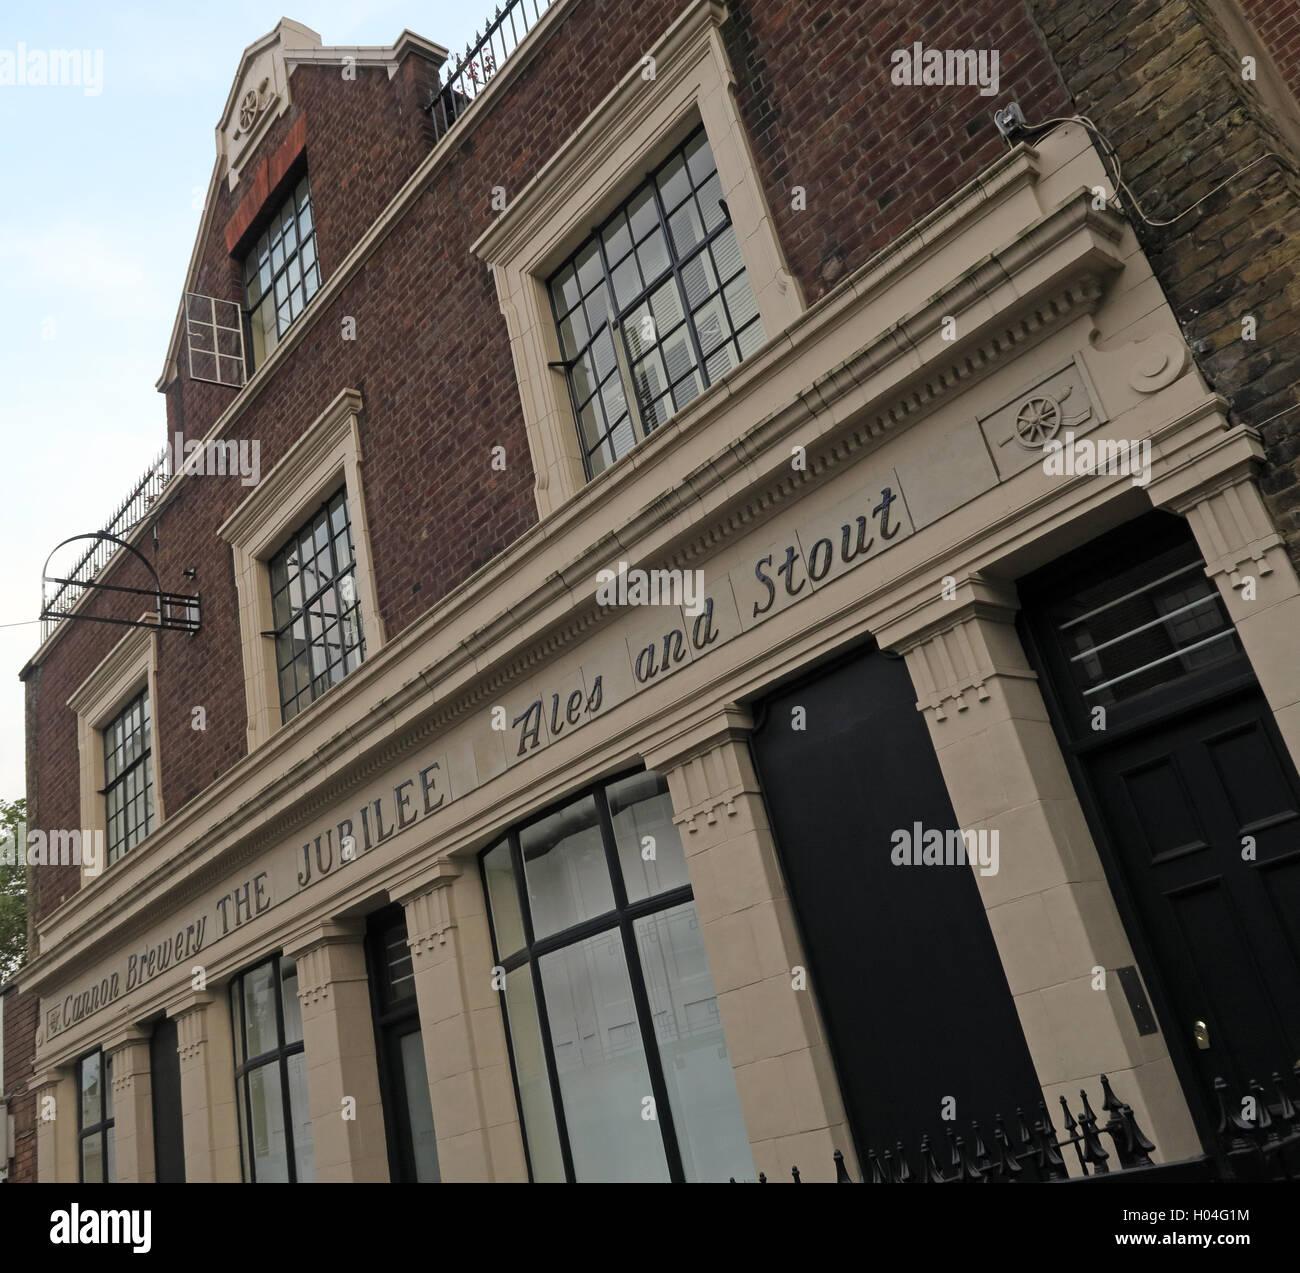 Laden Sie dieses Alamy Stockfoto Die Jubilee Pub, Ales & Stout bauen, Somers Town, Euston, Camden, London - H04G1M